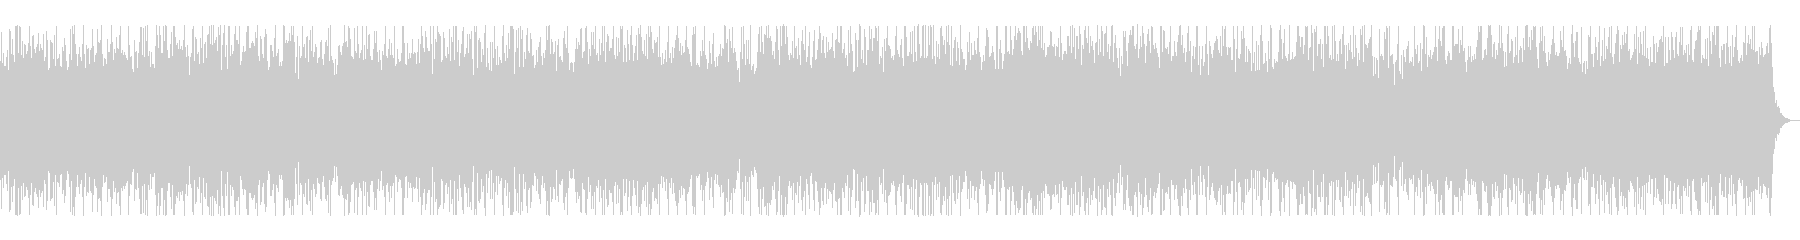 プロケルトバイオリン演奏[6分間長め]の未再生の波形